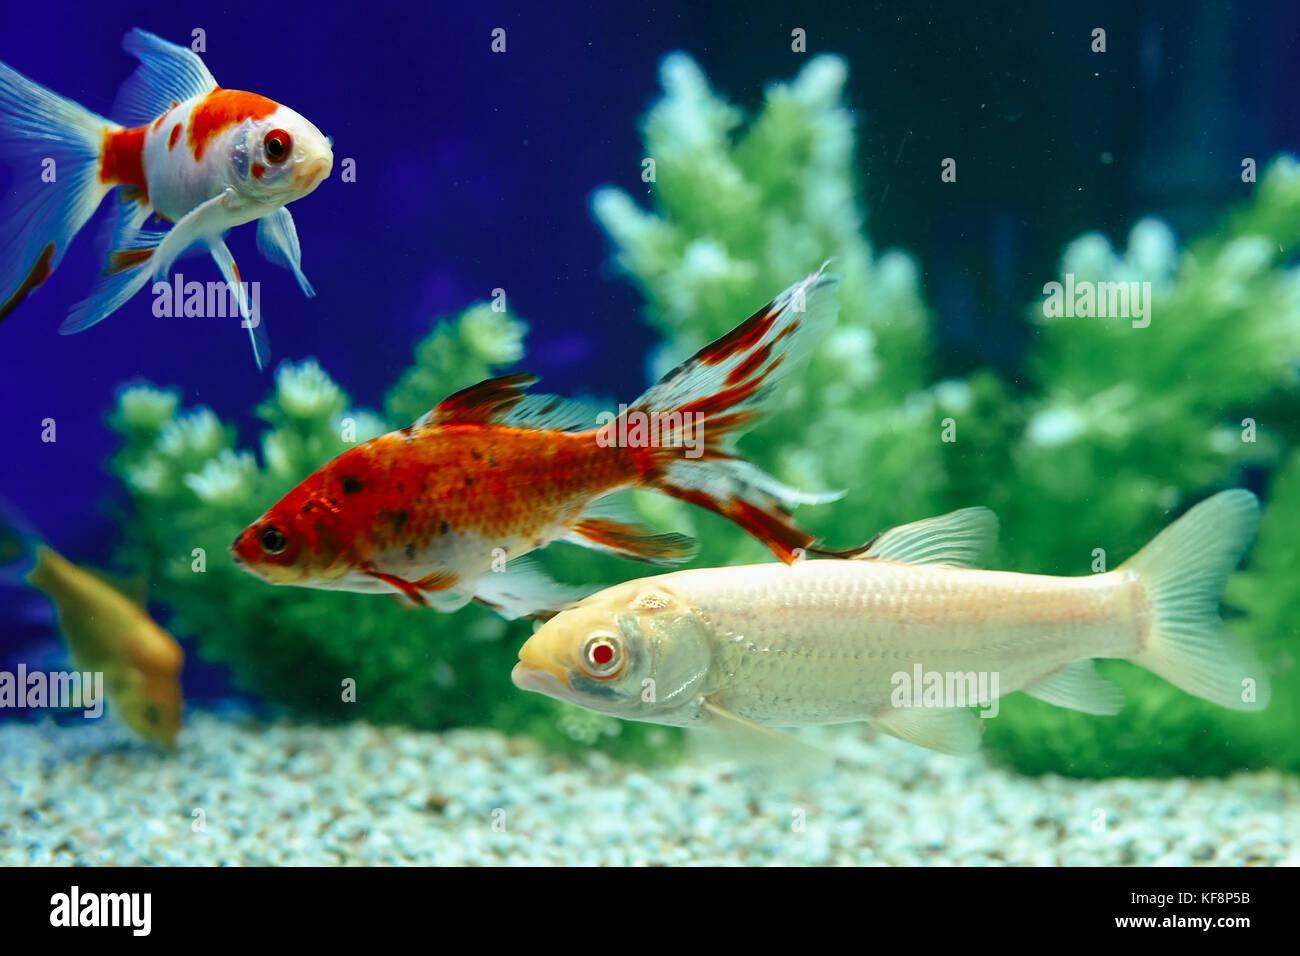 Yellow and Red Goldfish Swimming In Aquarium Stock Photo: 164306167 ...